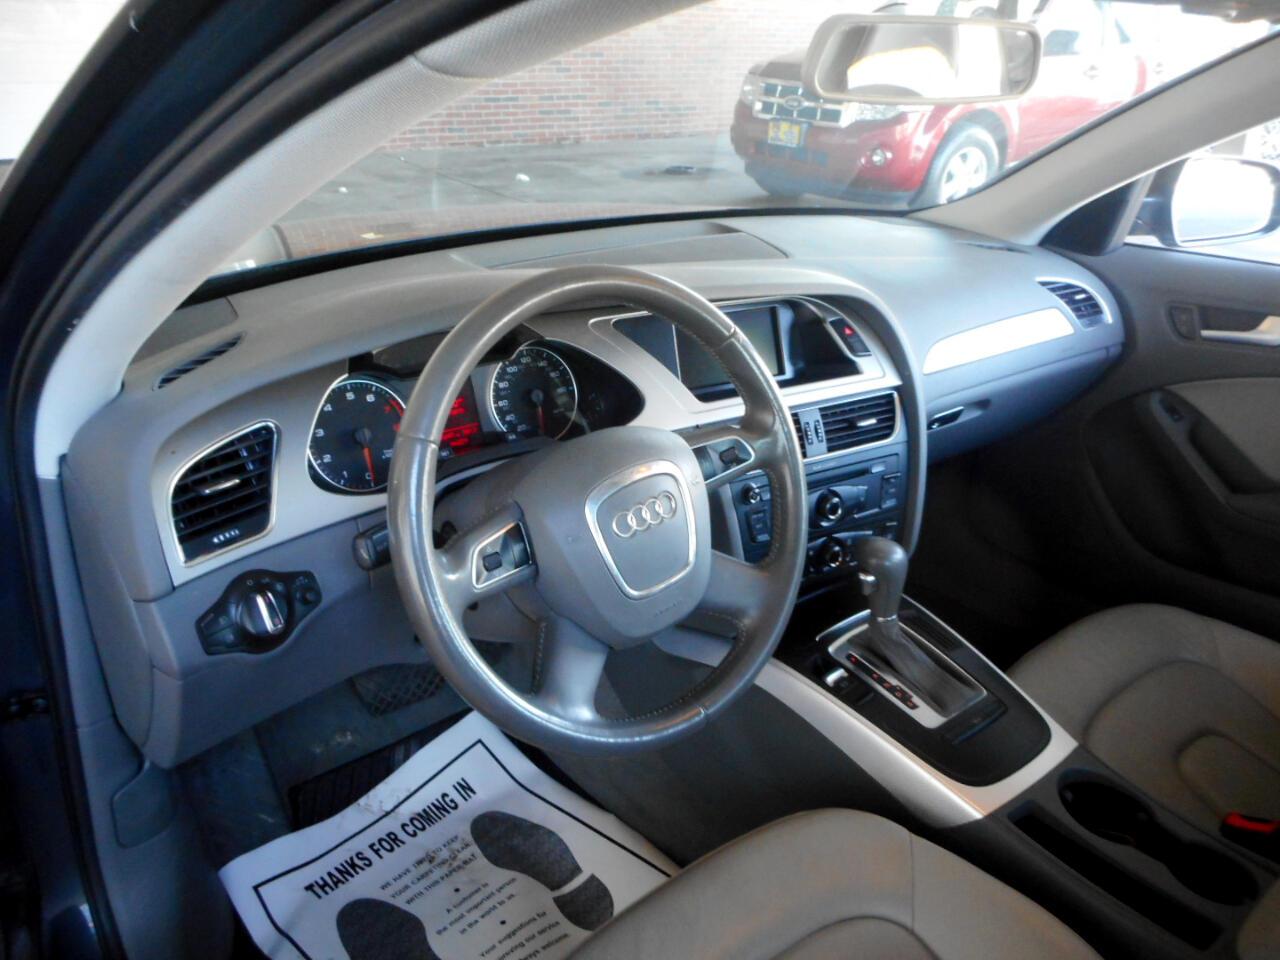 2011 Audi A4 2.0T Sedan quattro Tiptronic